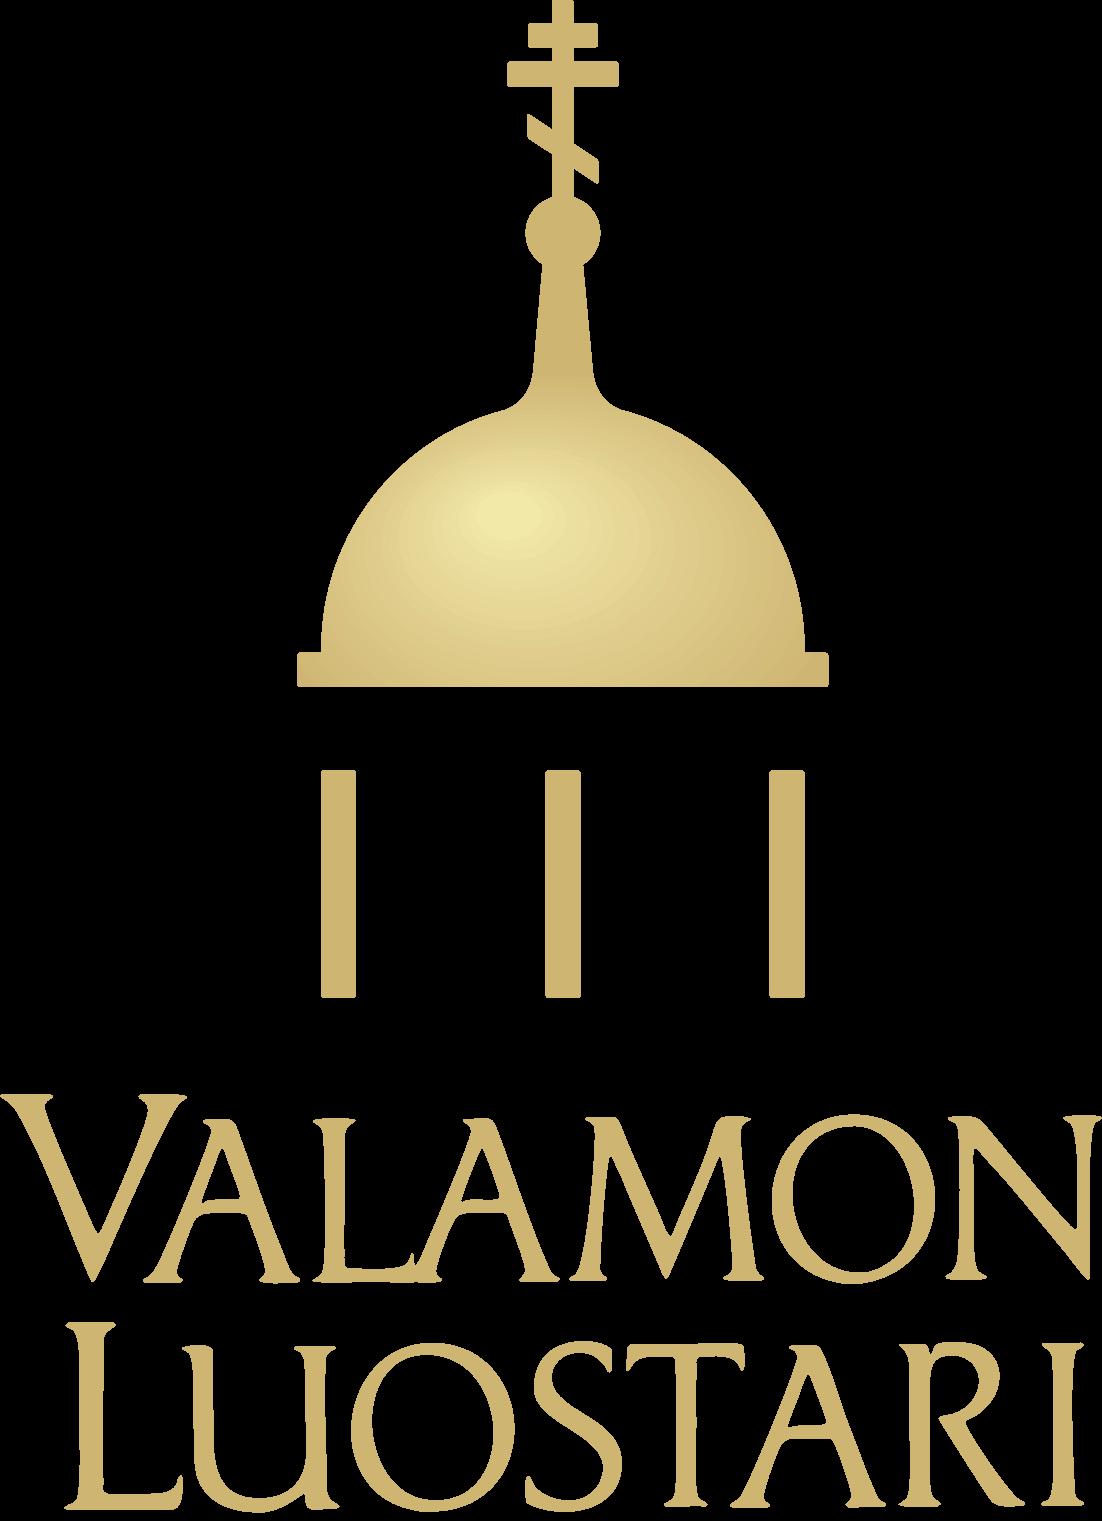 Valamon luostari -logo